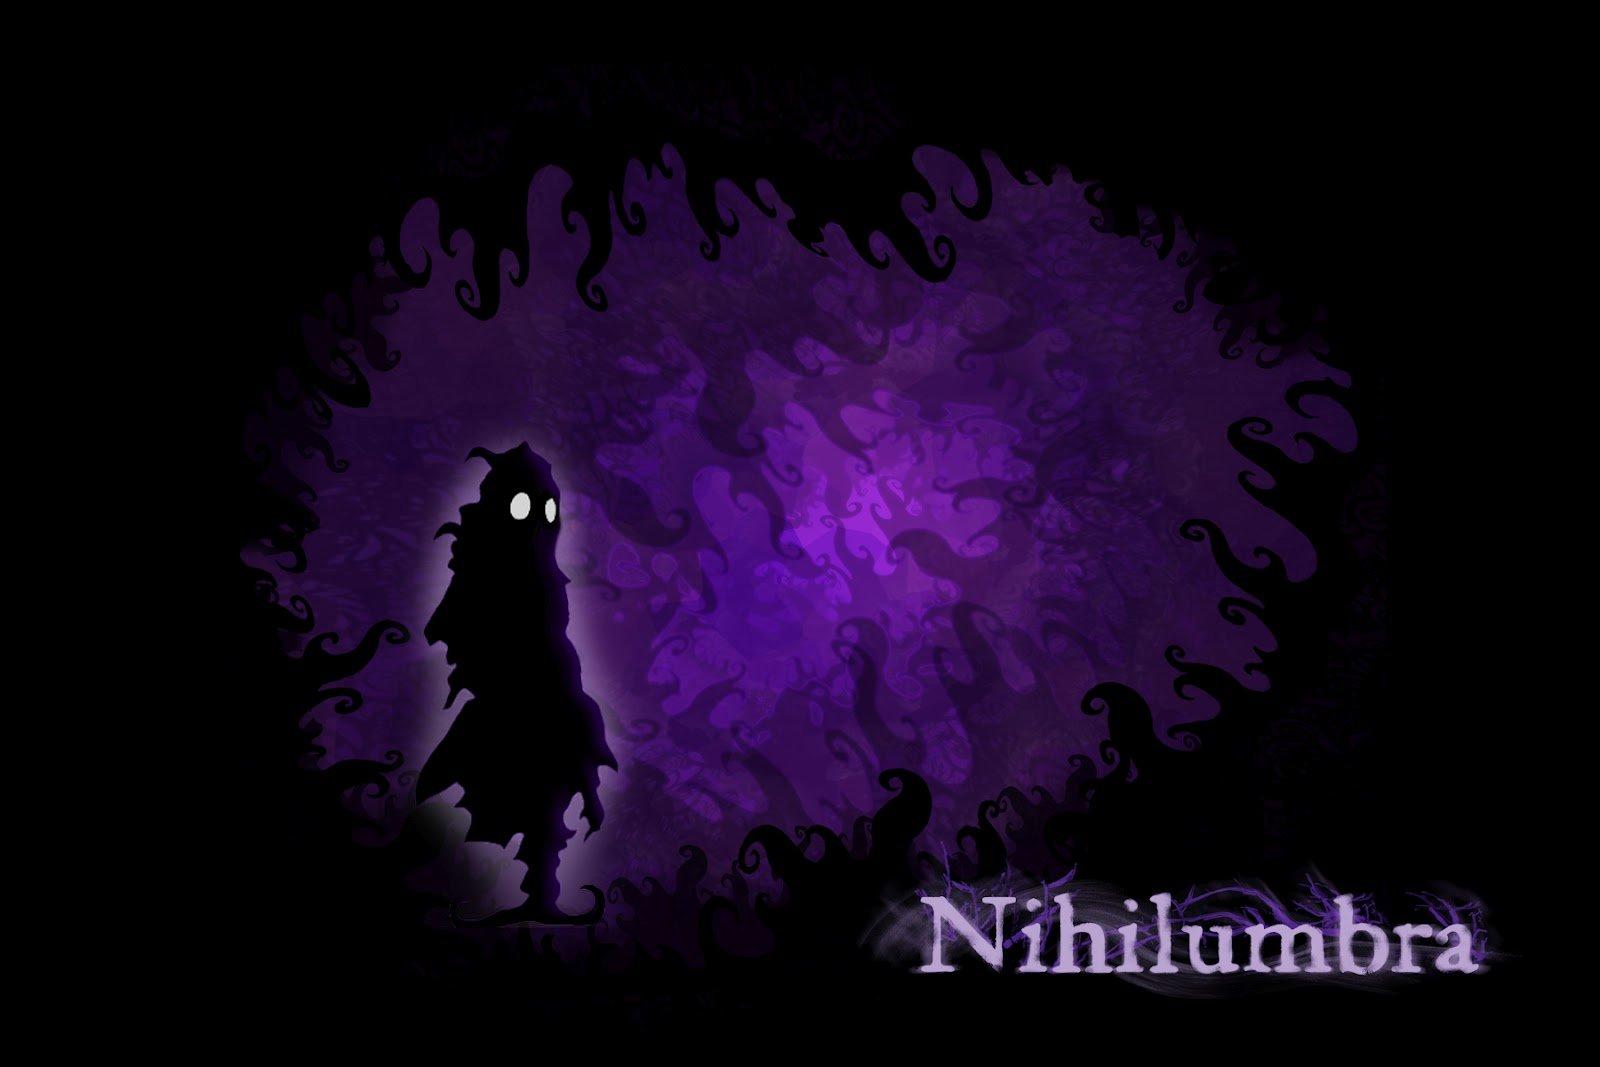 Nihilumbra - замечательная инди игрушка! - Изображение 1